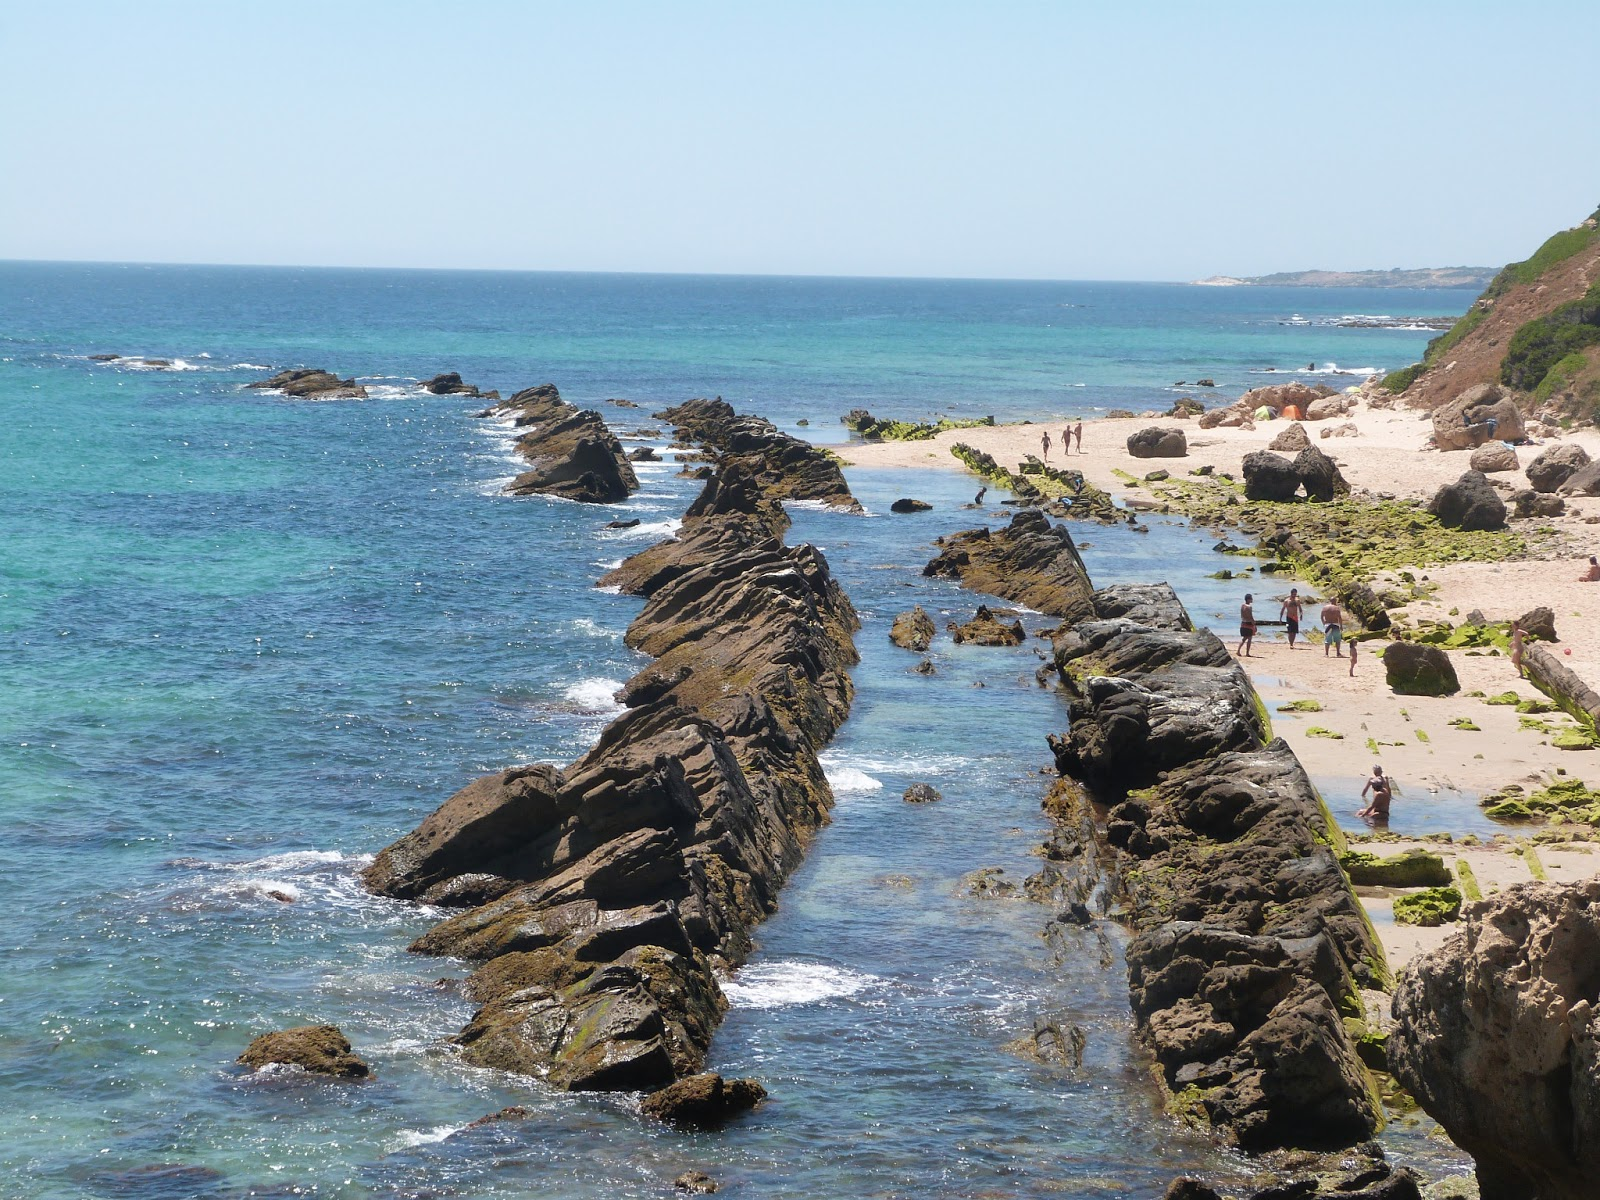 La mar de huellas senderismo playa de valdevaqueros for Piscinas naturales bolonia cadiz